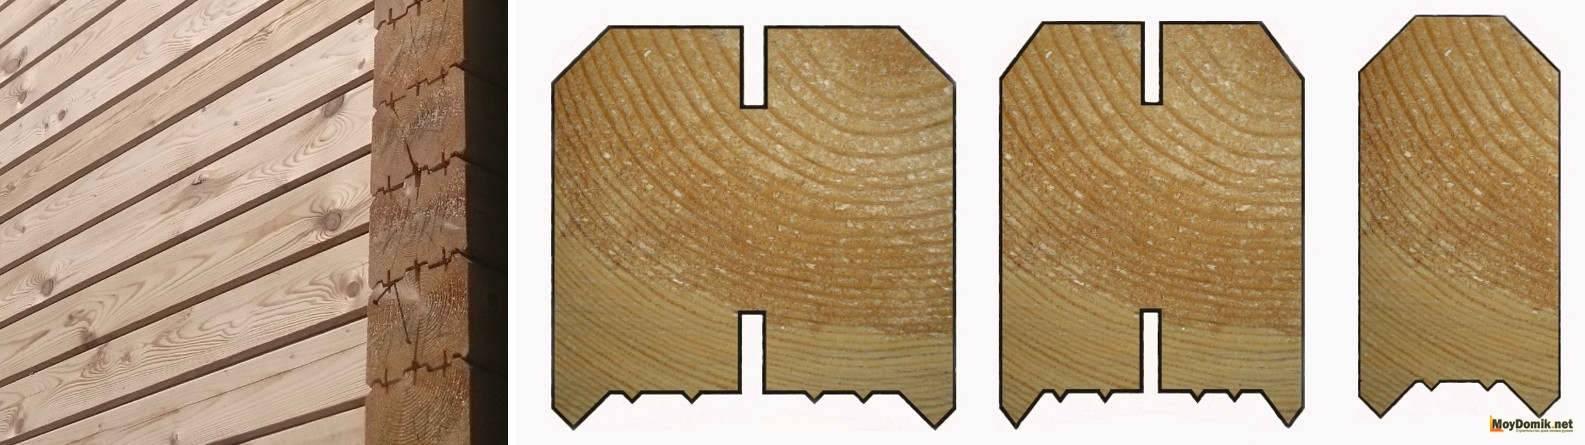 Профилированный брус: плюсы и минусы дома из профилированного бруса - виды и размеры